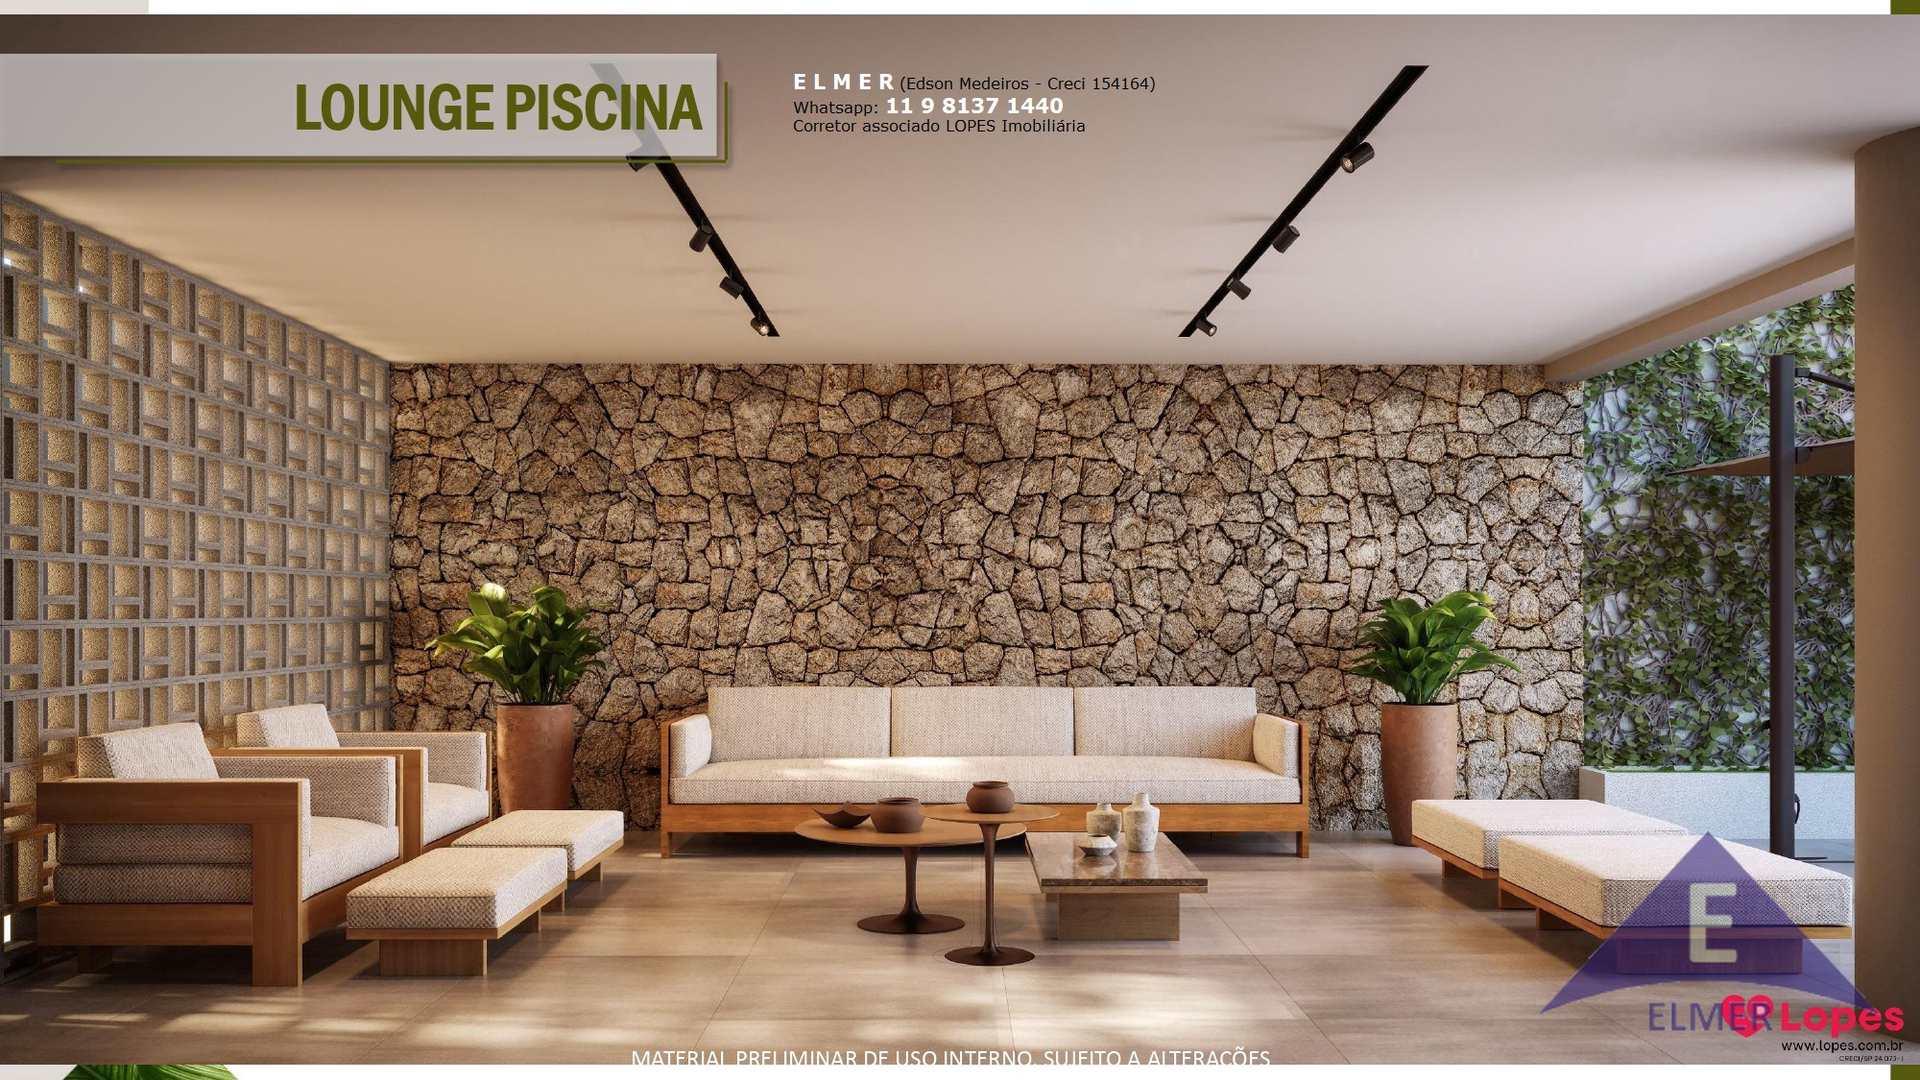 Lounge Piscina - Elmer